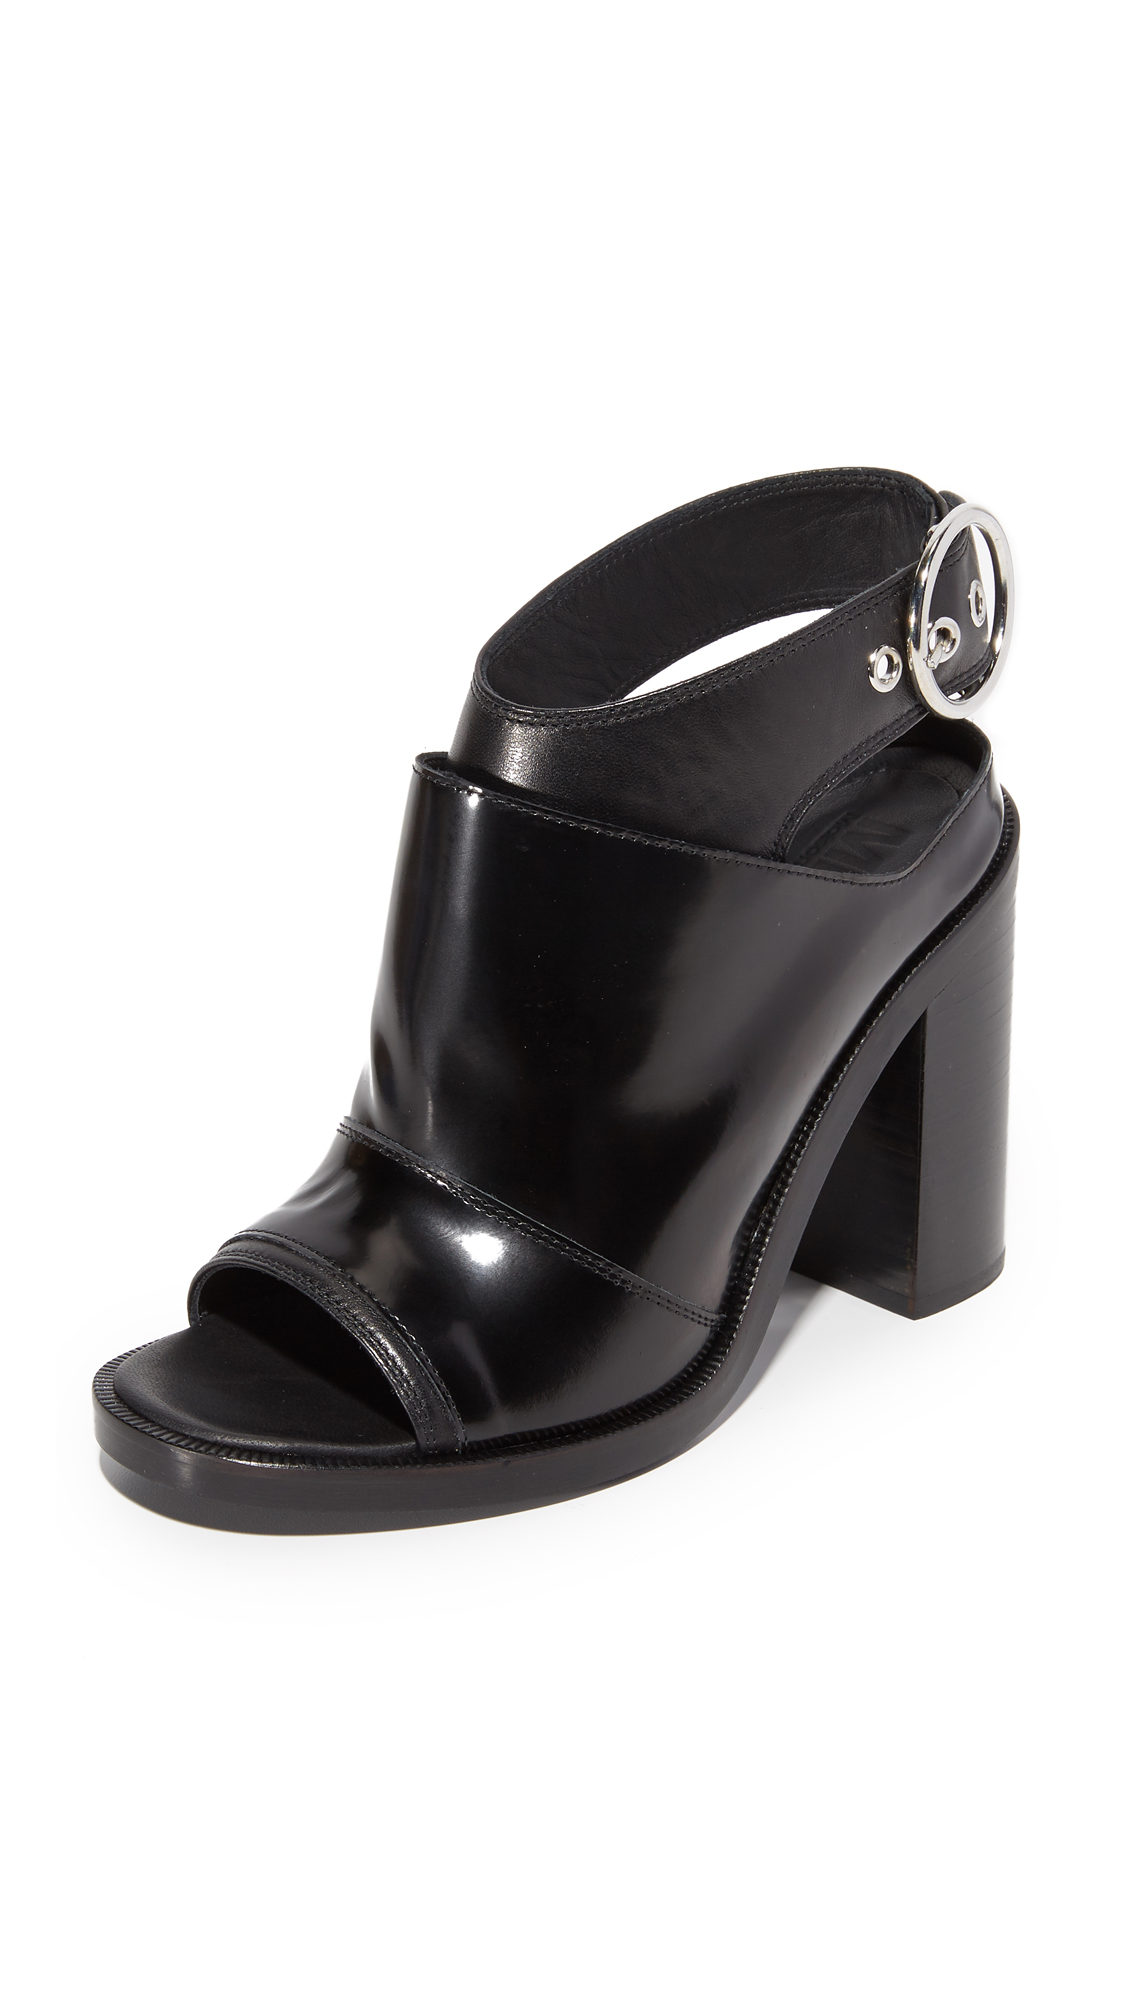 Mm6 Open Toe Booties - Black/Black